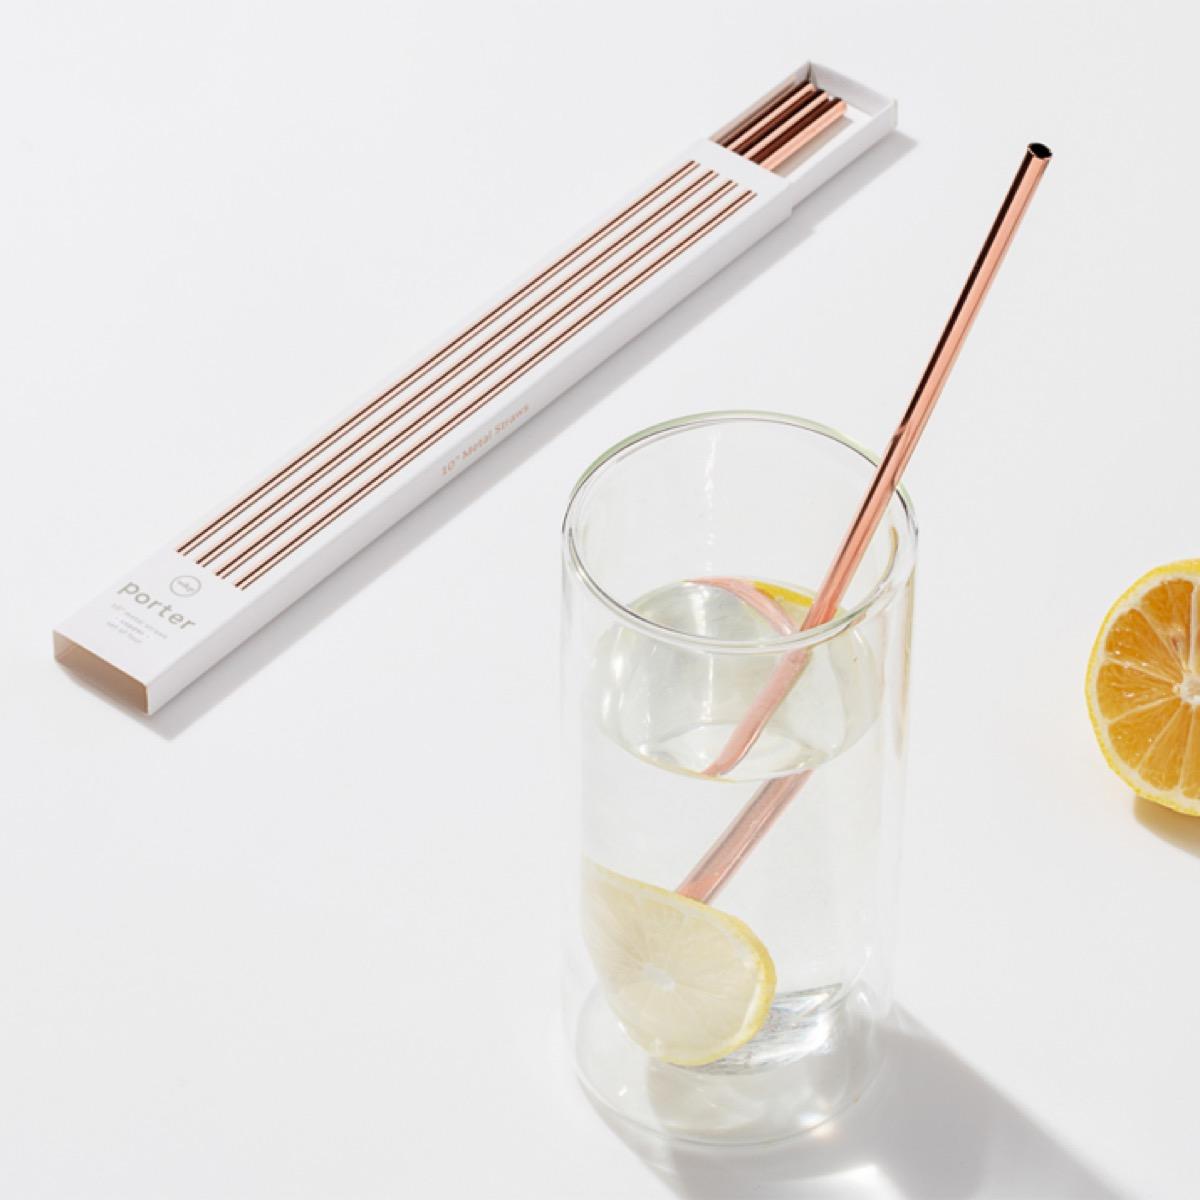 W&P design metal porter straws in copper